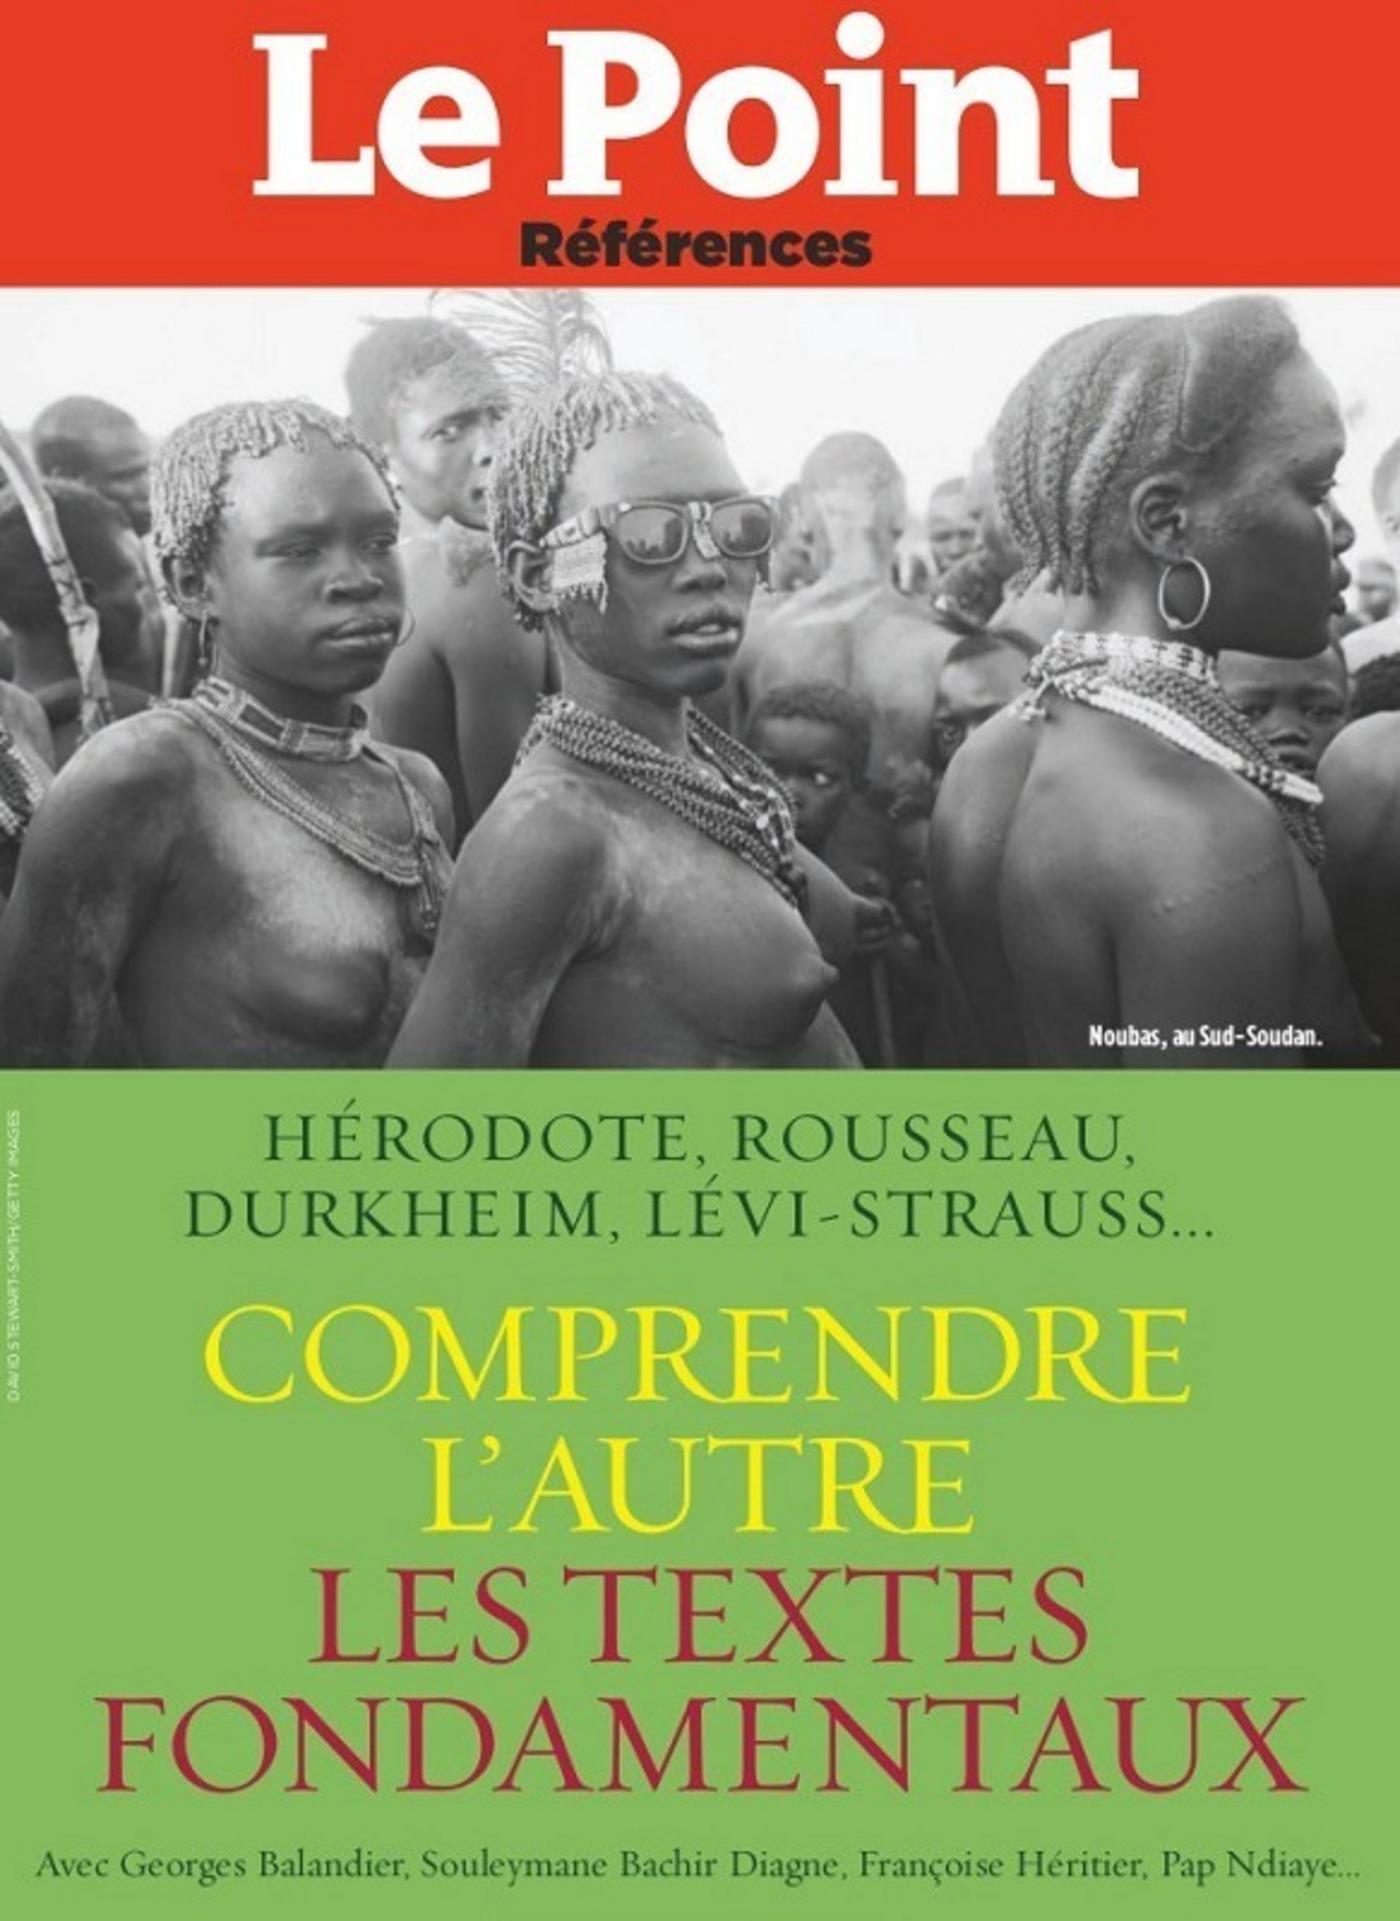 Comprendre l'autre, Les grands textes d'Hérodote à Durkheim, de Rousseau à Levi-Strauss